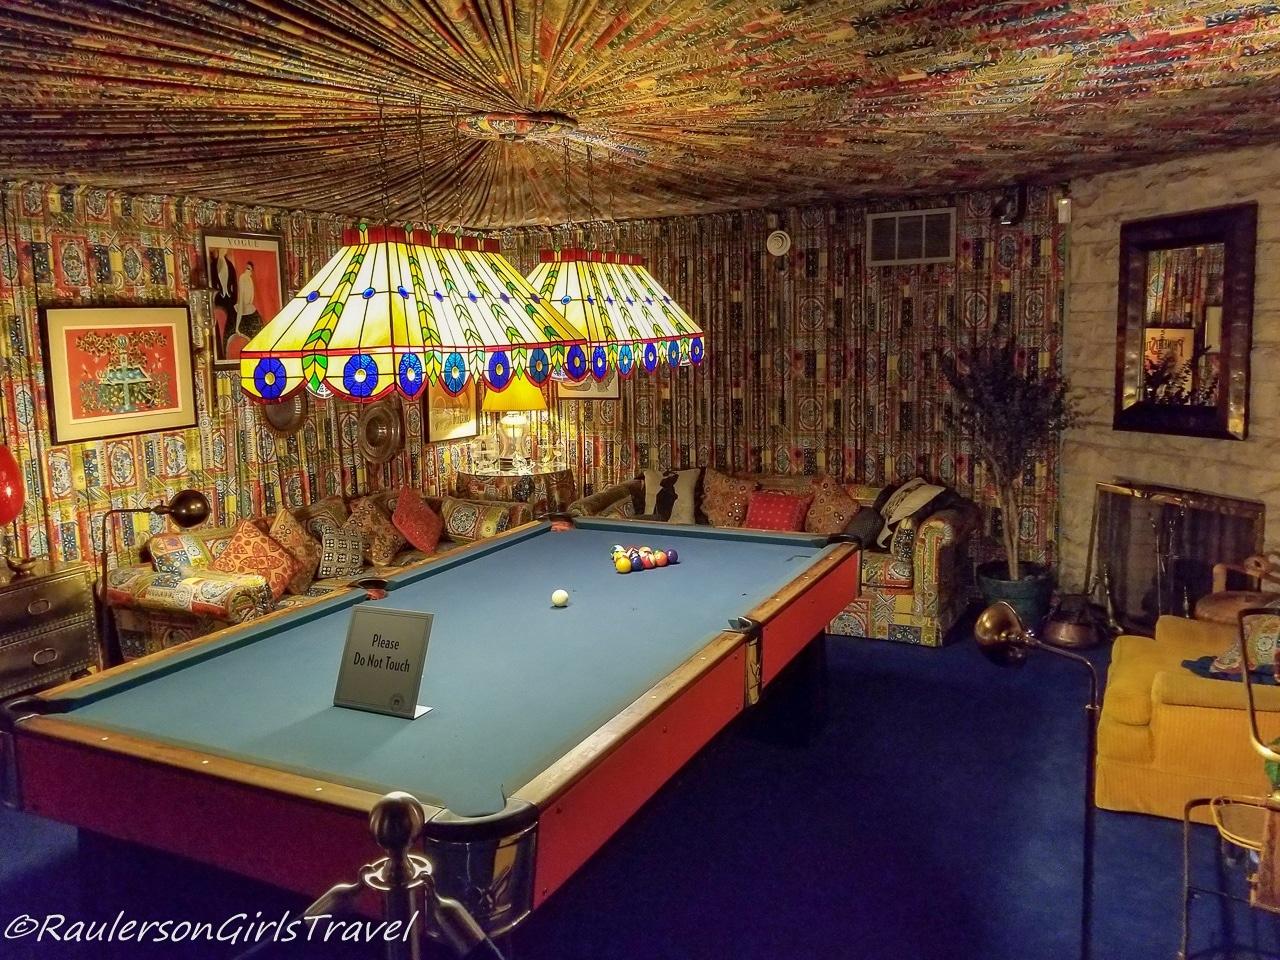 Pool Room in Graceland